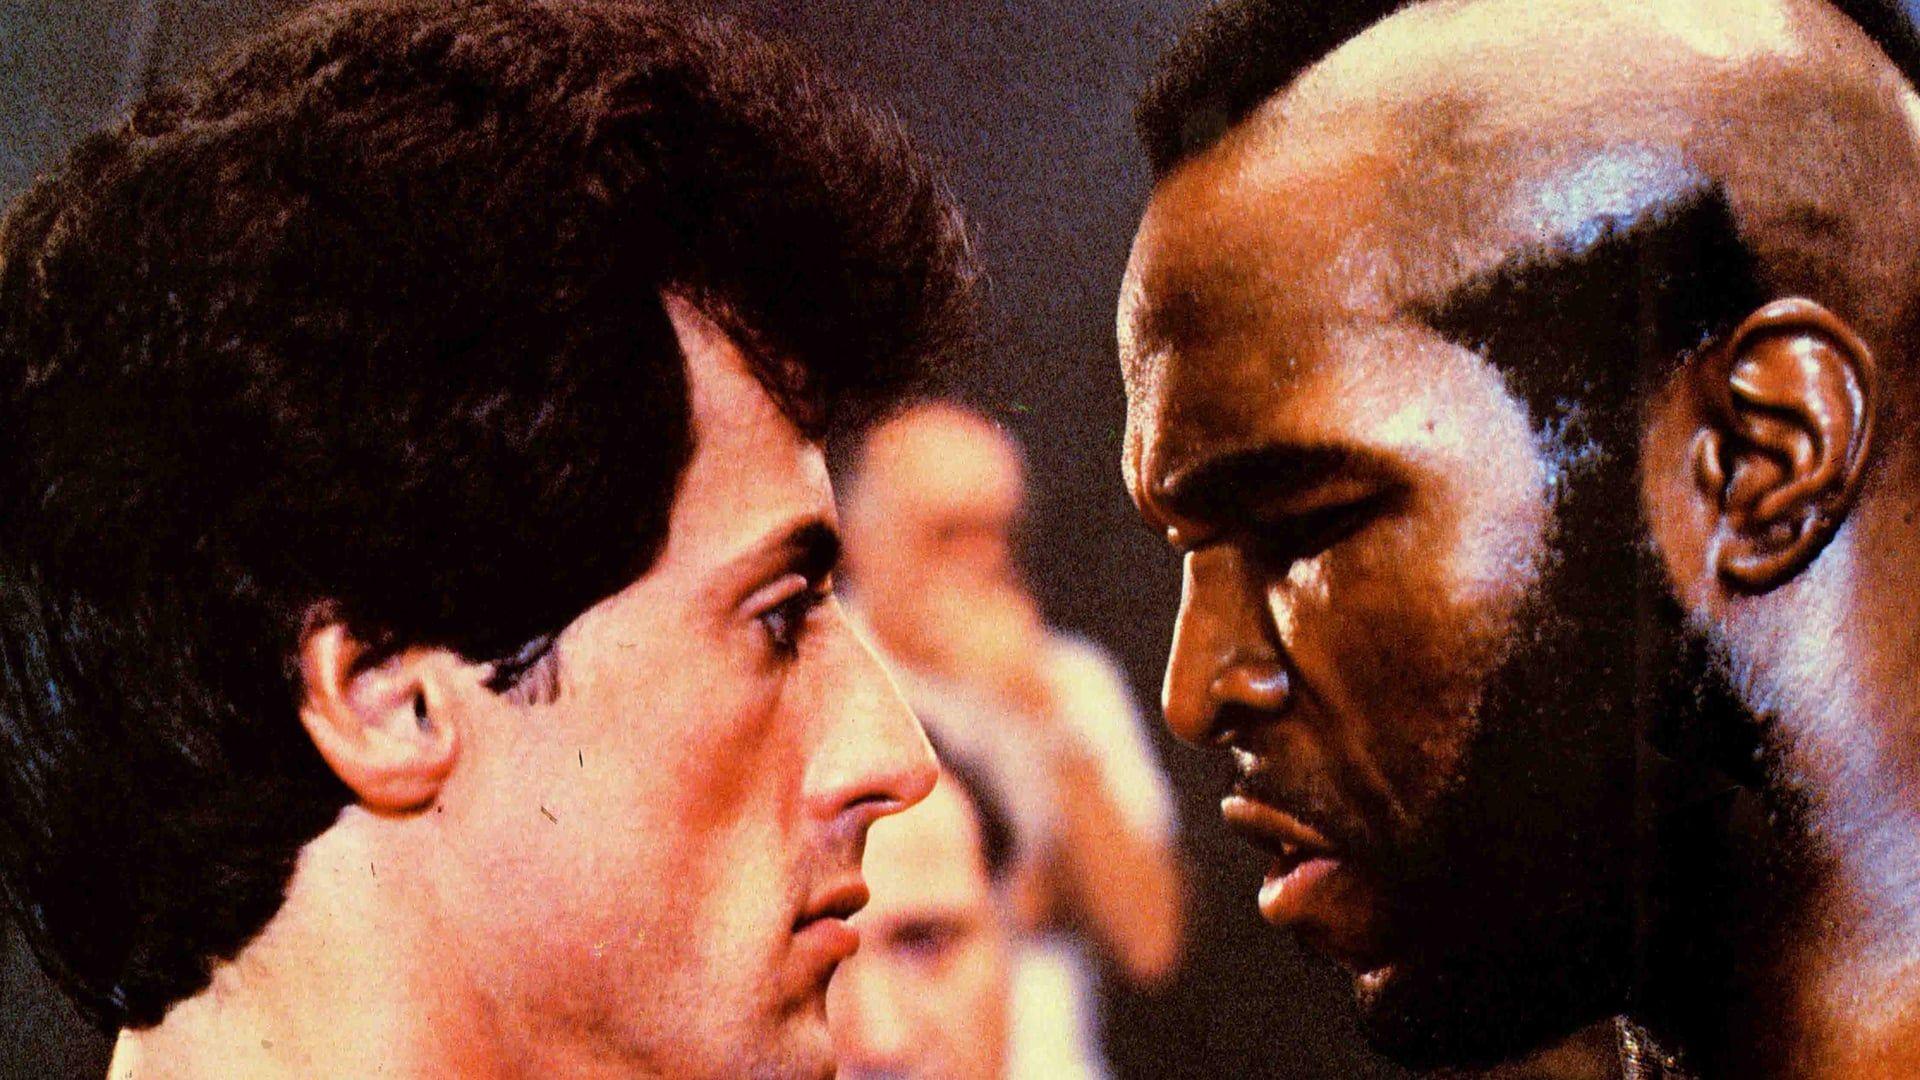 Box Weltmeister Rocky Balboa Verteidigt Seinen Titel Ein Ums Andere Mal Erfolgreich Bis Er Eines Tages Auf Den Grossmauli Free Movies Online Rocky Balboa Rocky